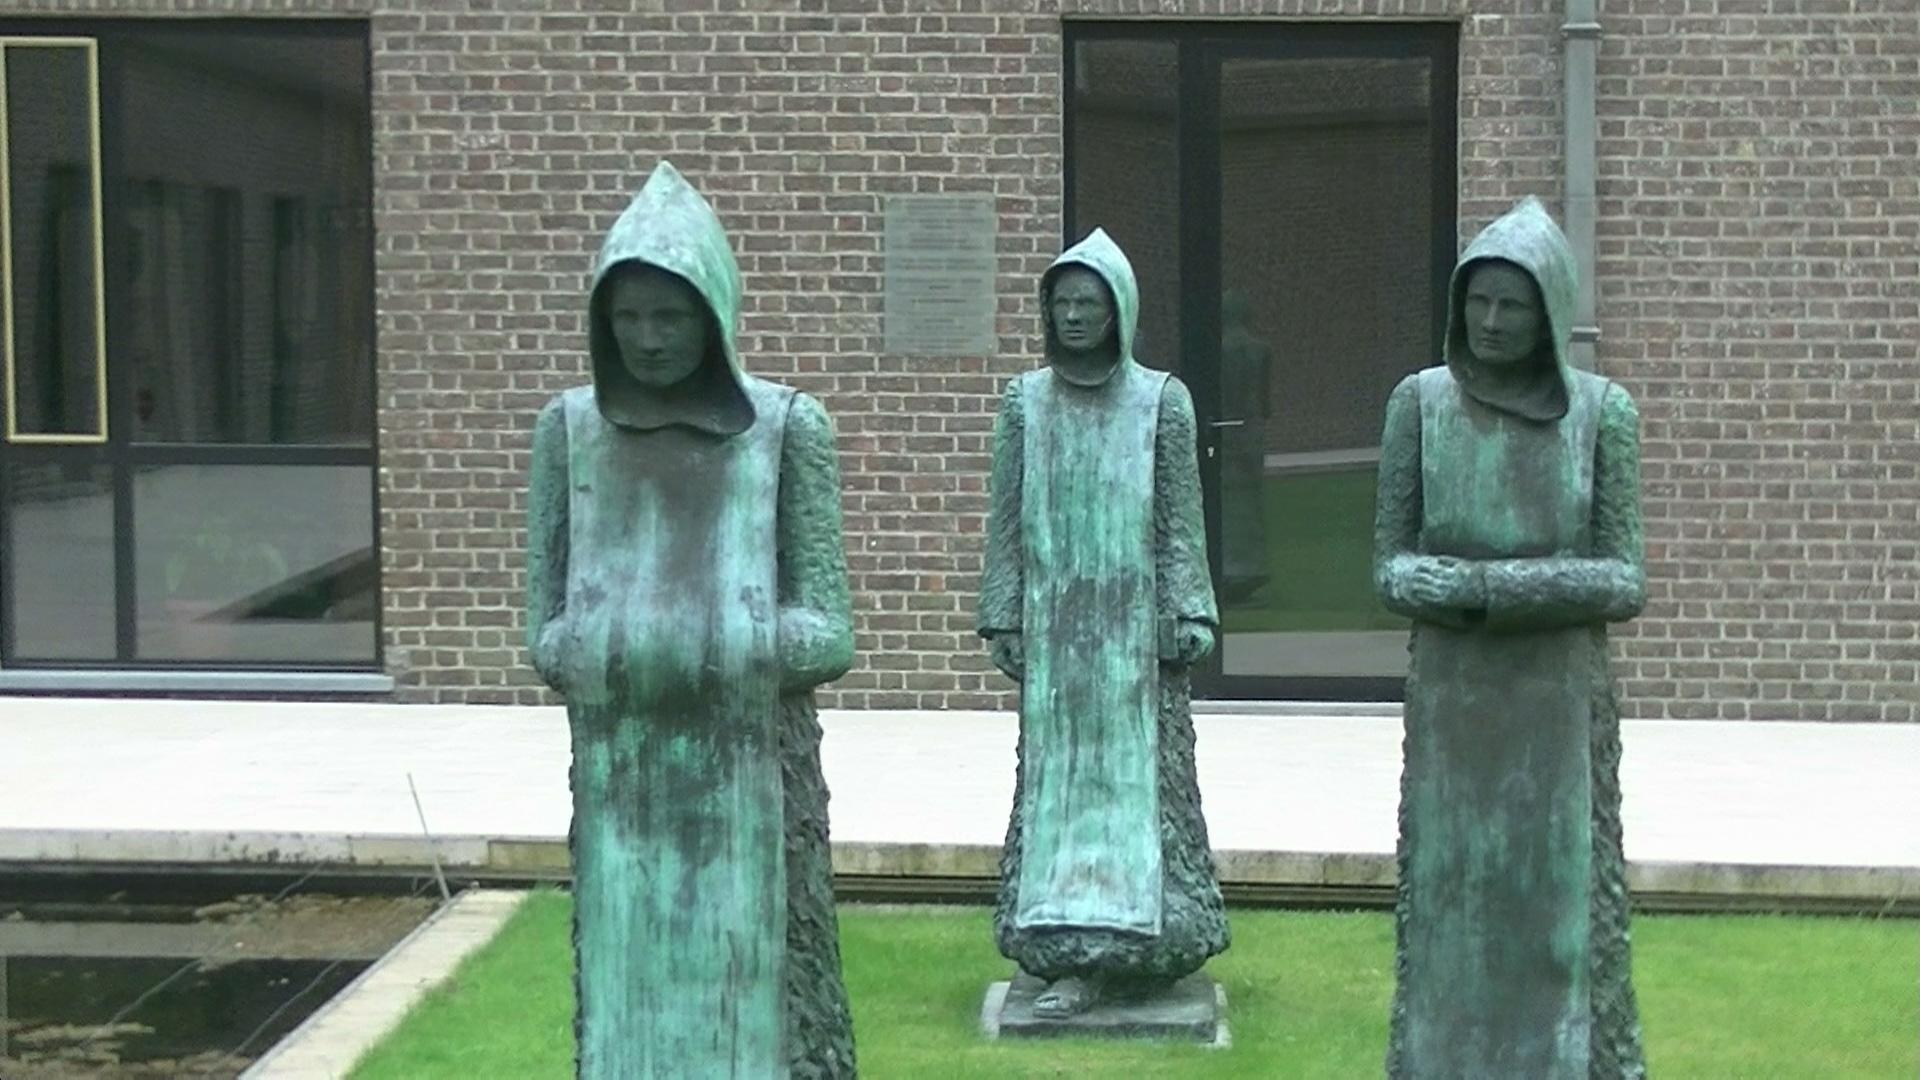 Monniken d'Abdij